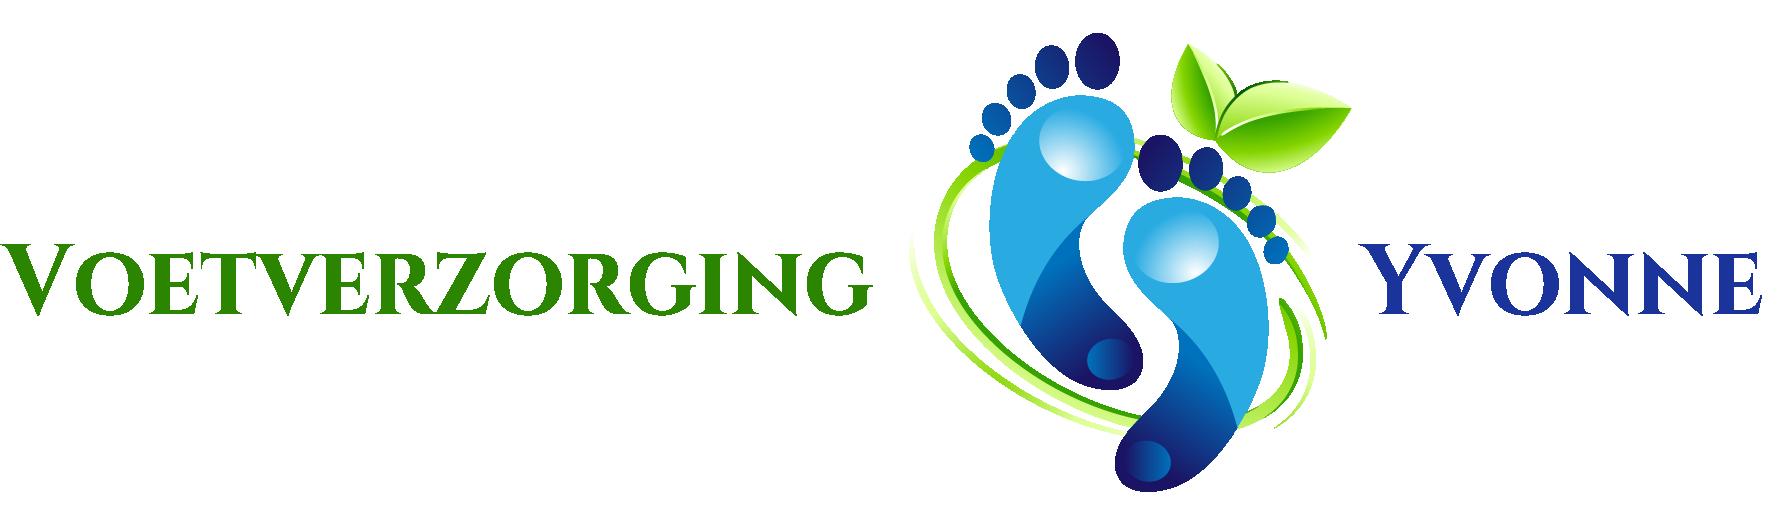 logo yvonne voetverzorging